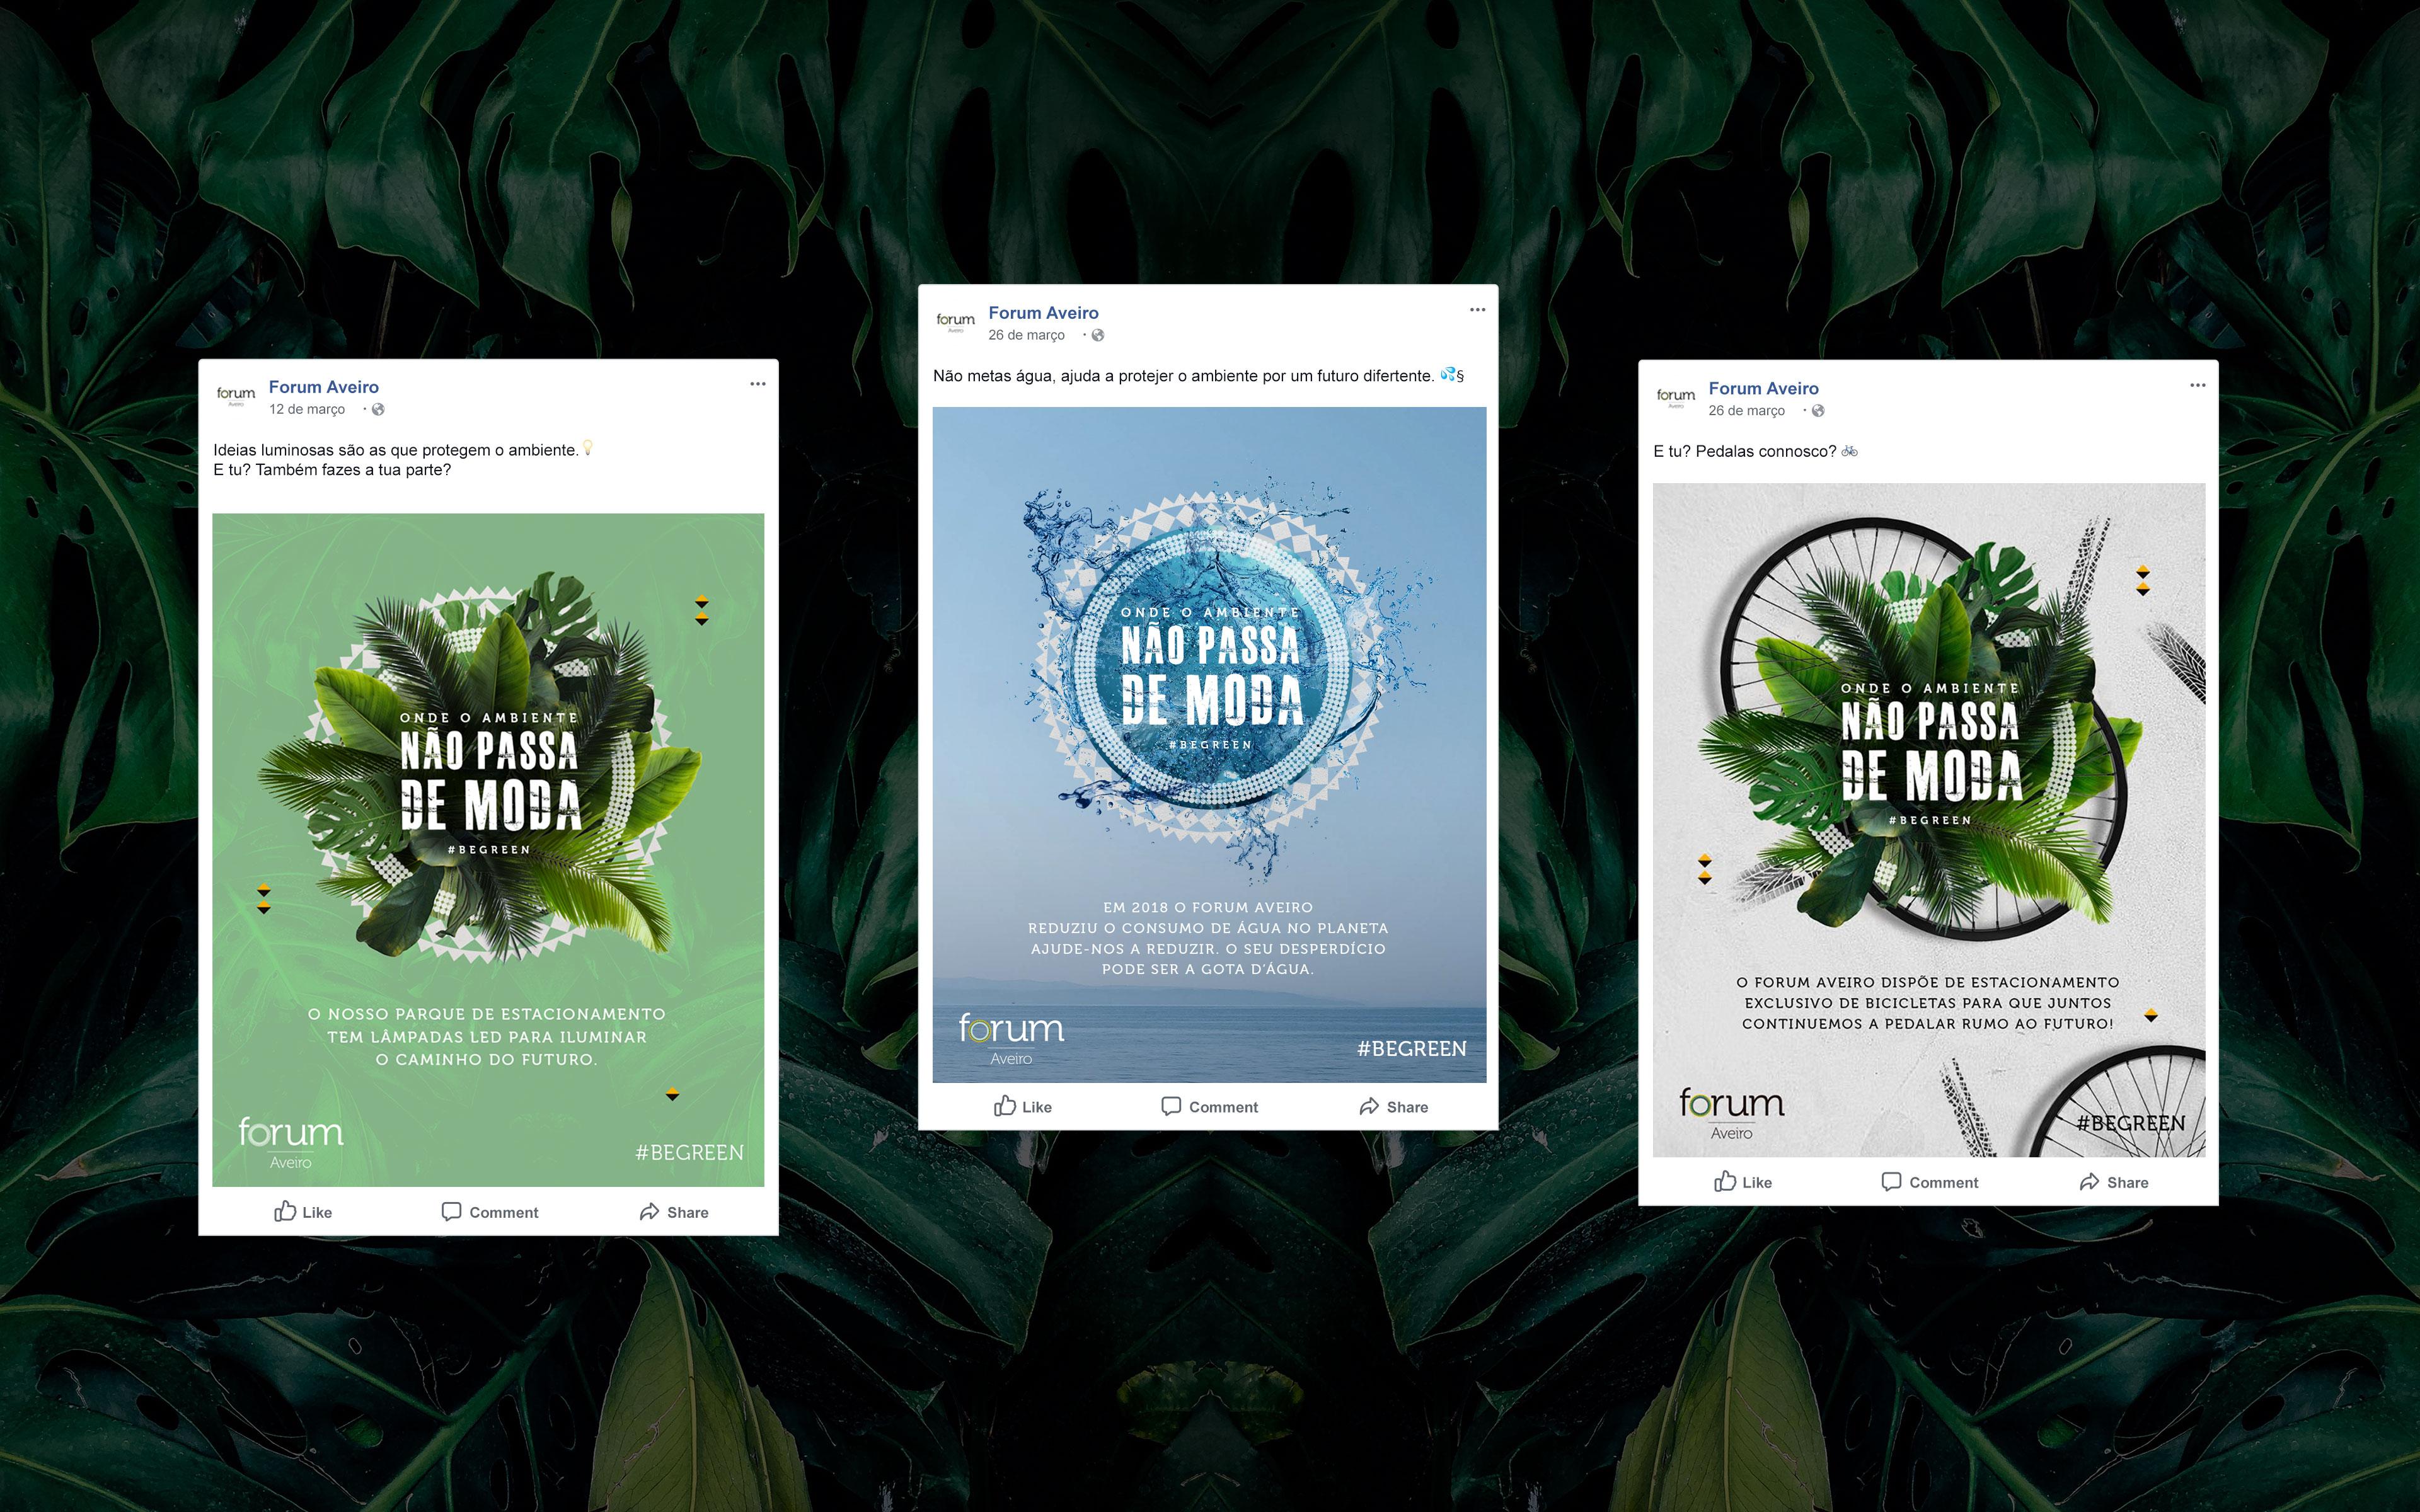 Posts no Facebook da campanha Forum Aveiro